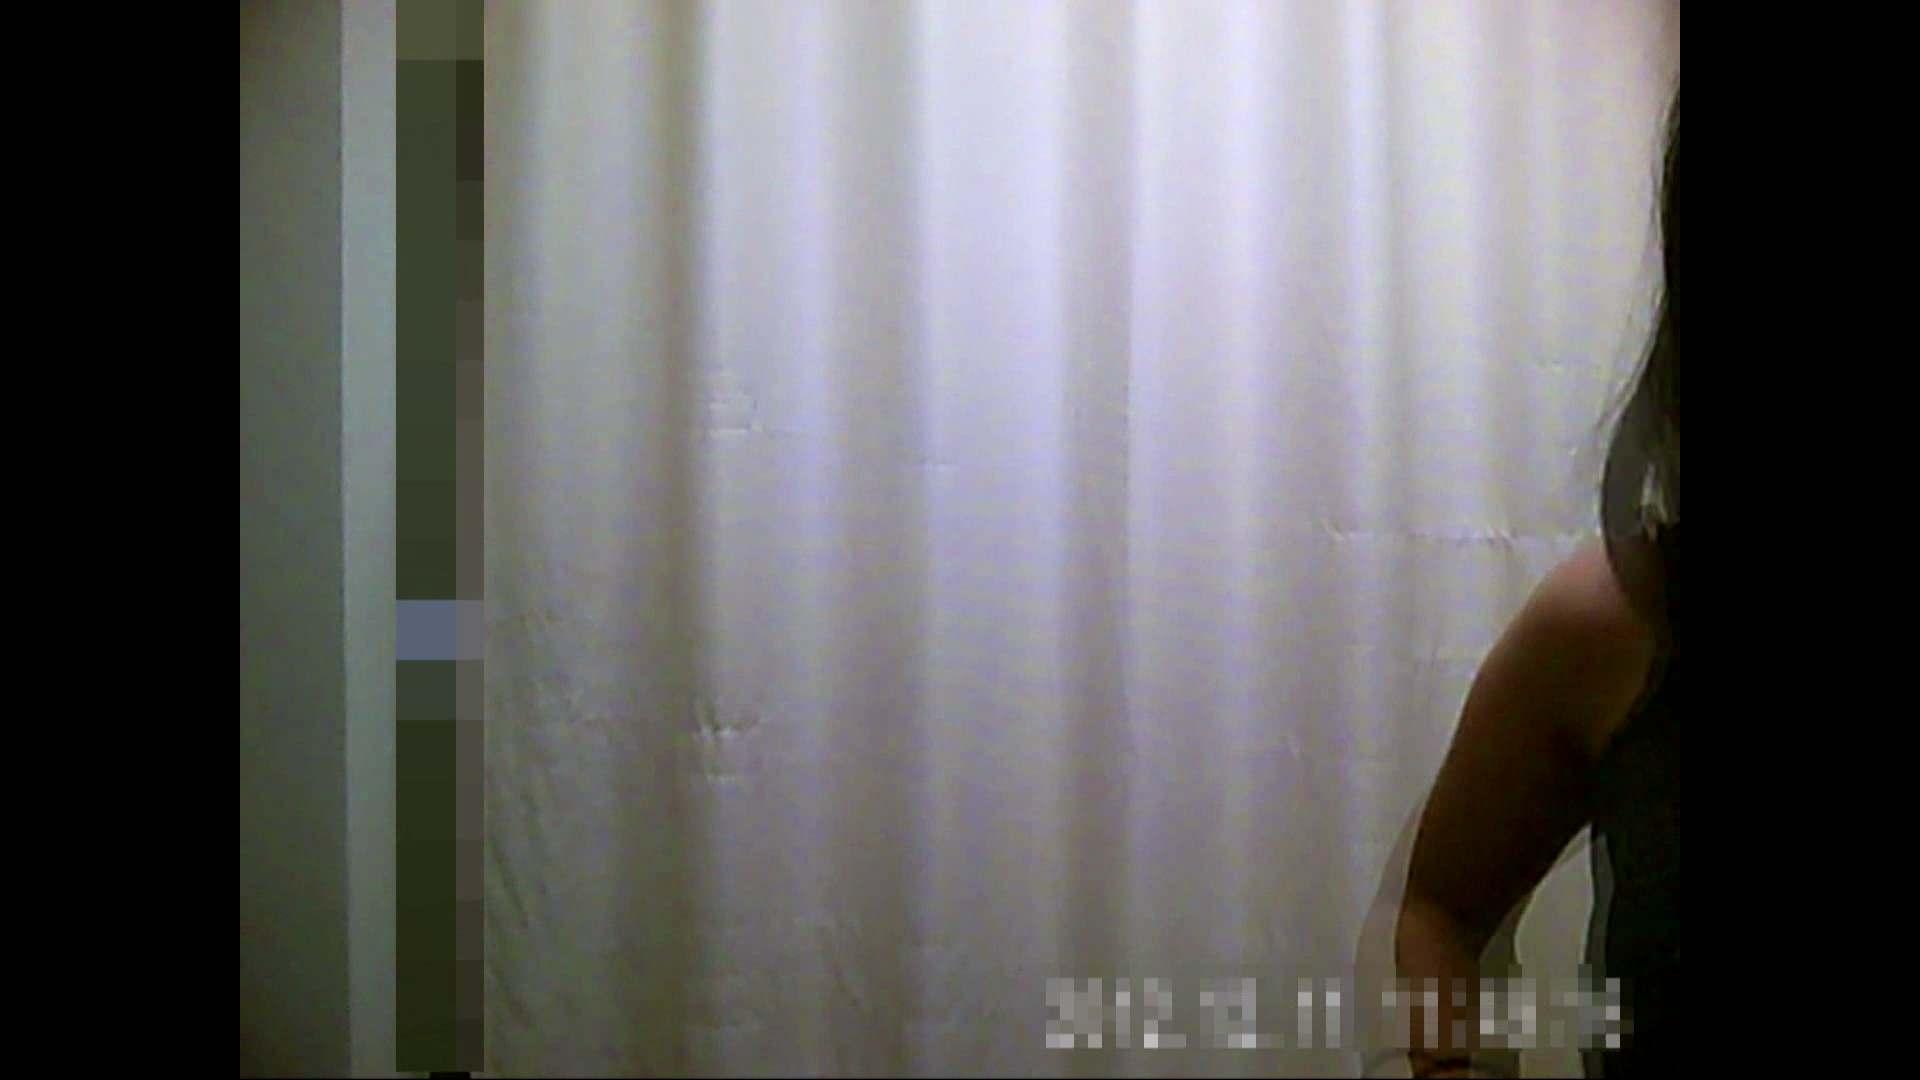 病院おもいっきり着替え! vol.173 OLヌード天国 オマンコ無修正動画無料 101PIX 16